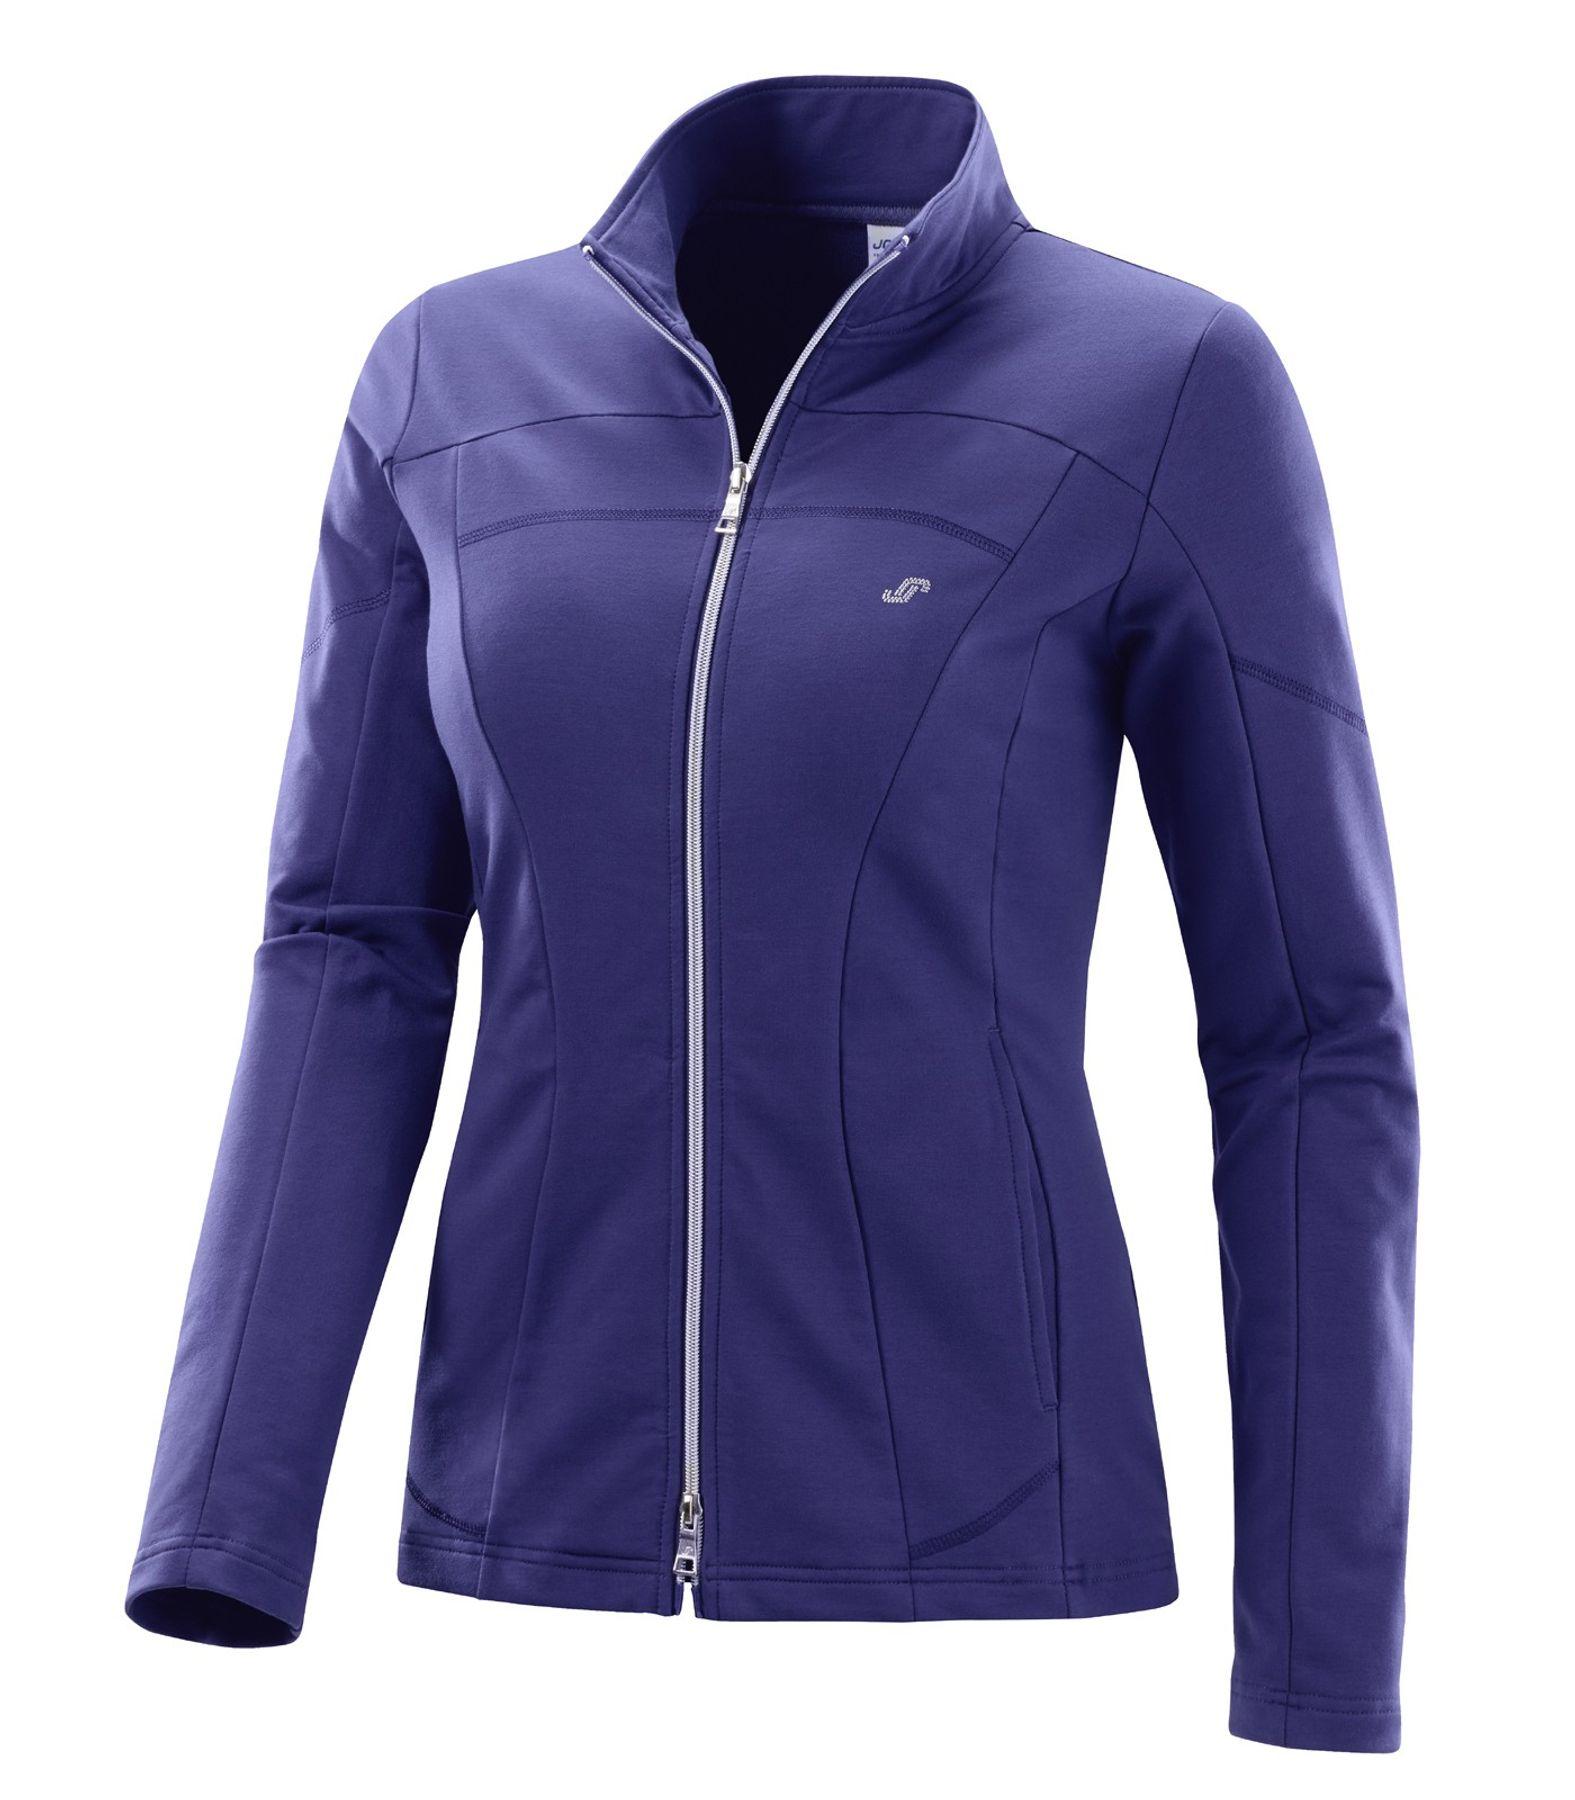 Joy - Damen Sport und Freizeit Jacke in verschiedenen Farben, Damaris (30150 A) – Bild 4